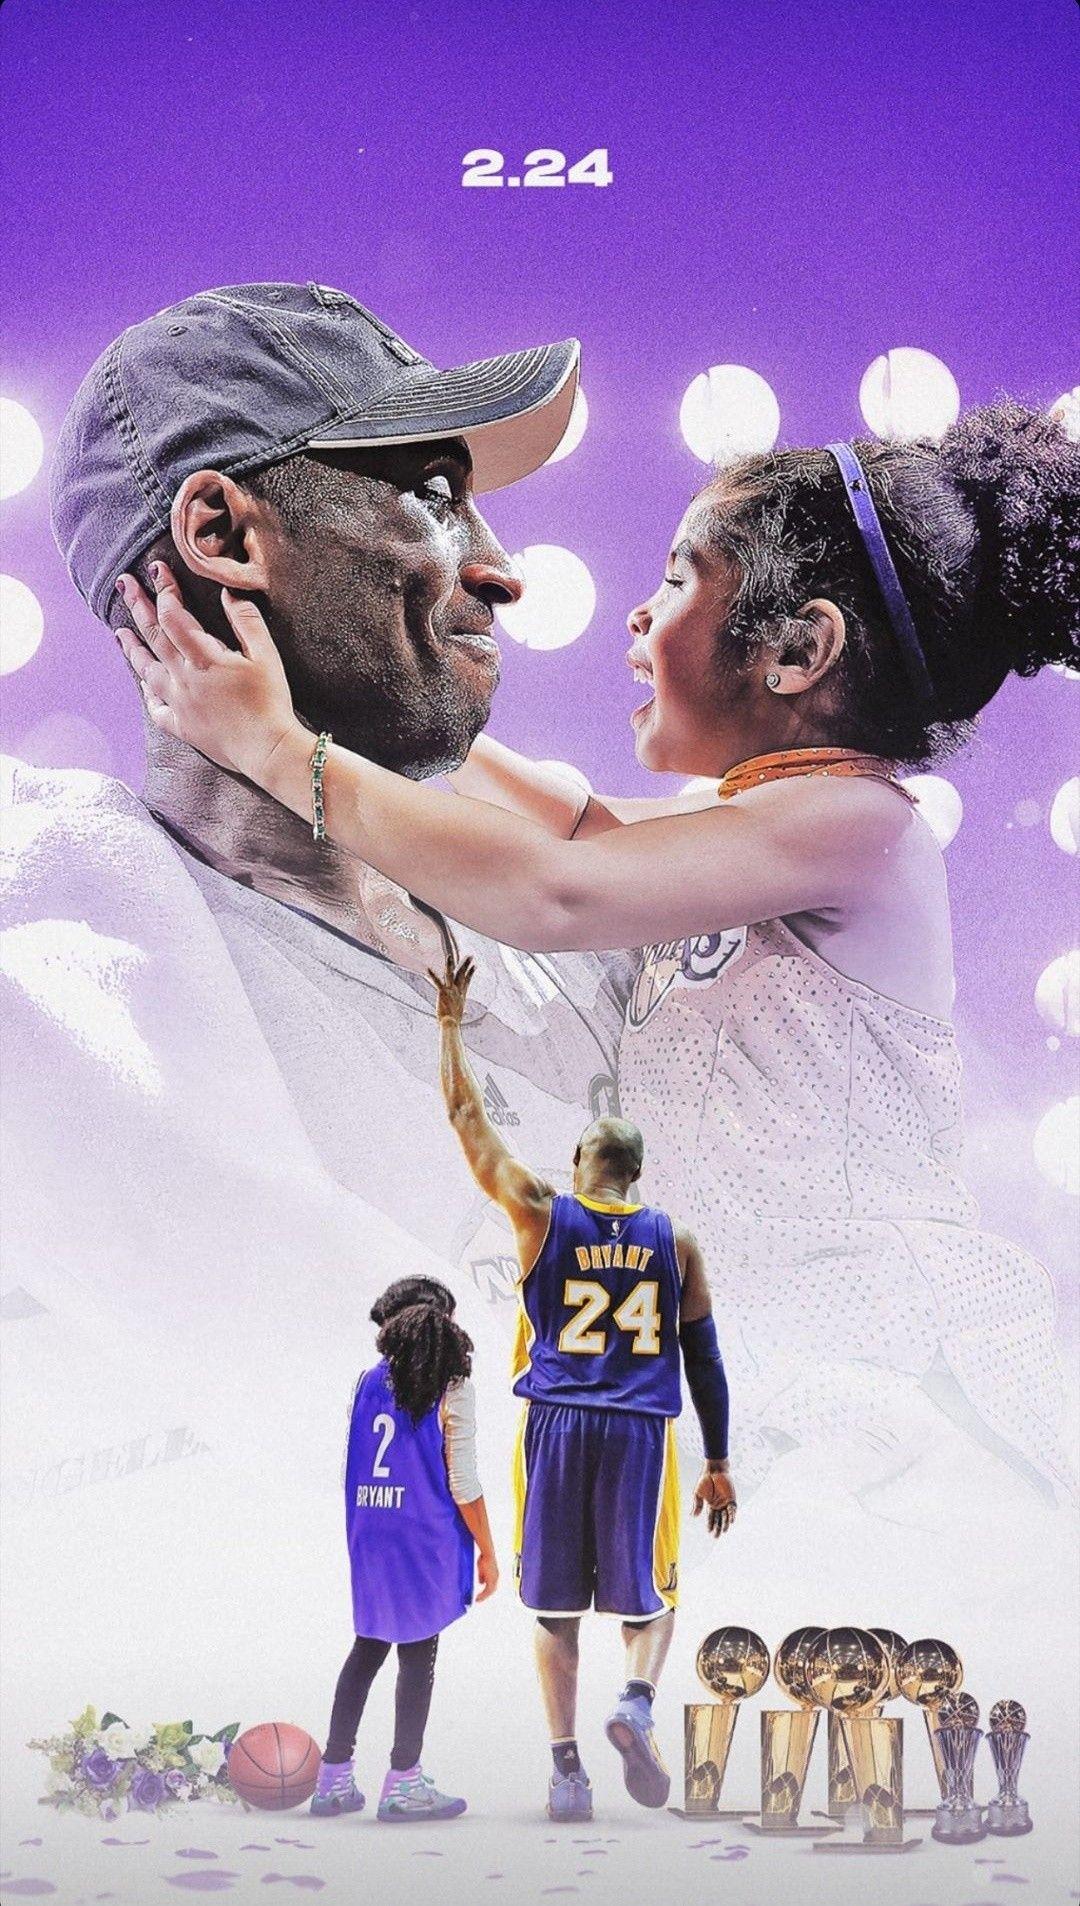 Kobe and Gigi Bryant wallpaper Kobe bryant pictures Kobe bryant 1080x1906